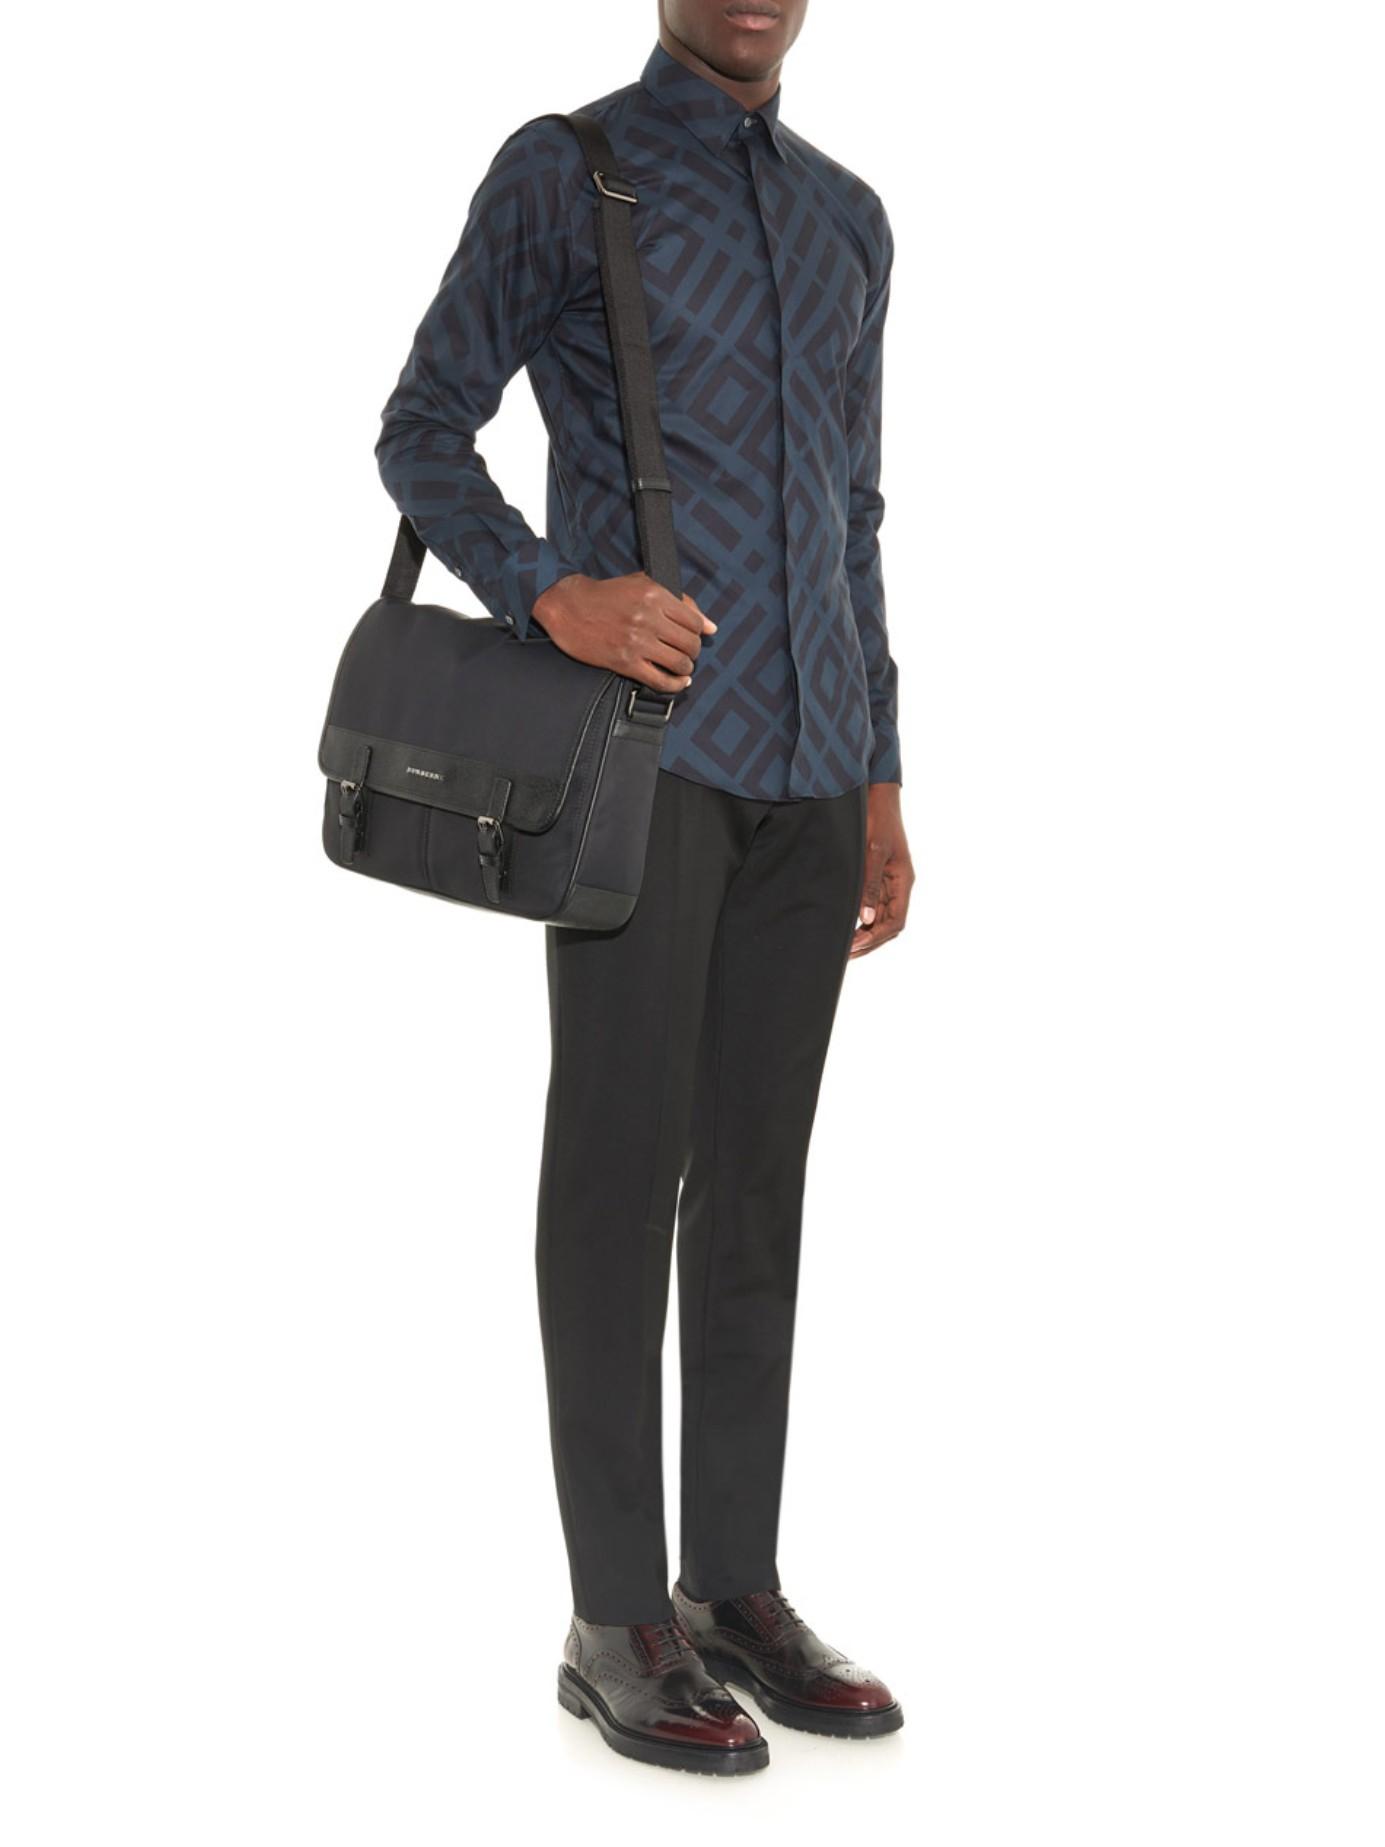 a3d27c3f739b Burberry Fairbank Nylon Messenger Bag in Black for Men - Lyst